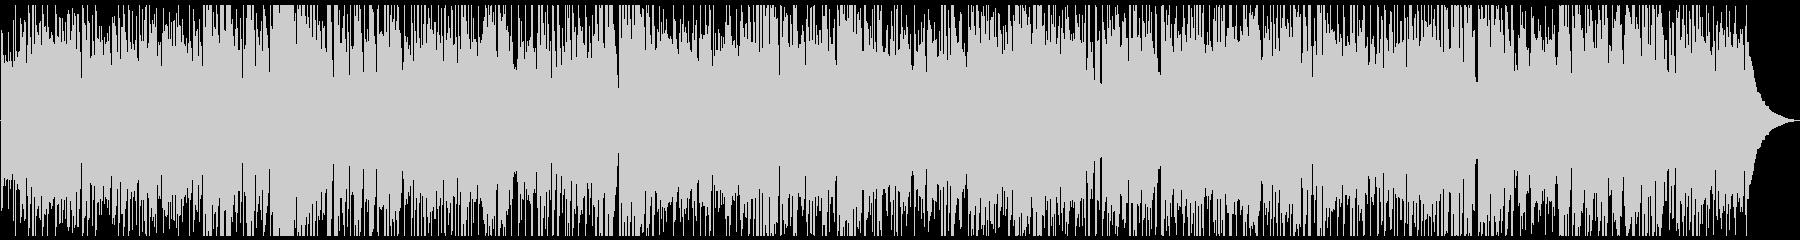 明るくほのぼのとしたカントリーピアノソロの未再生の波形